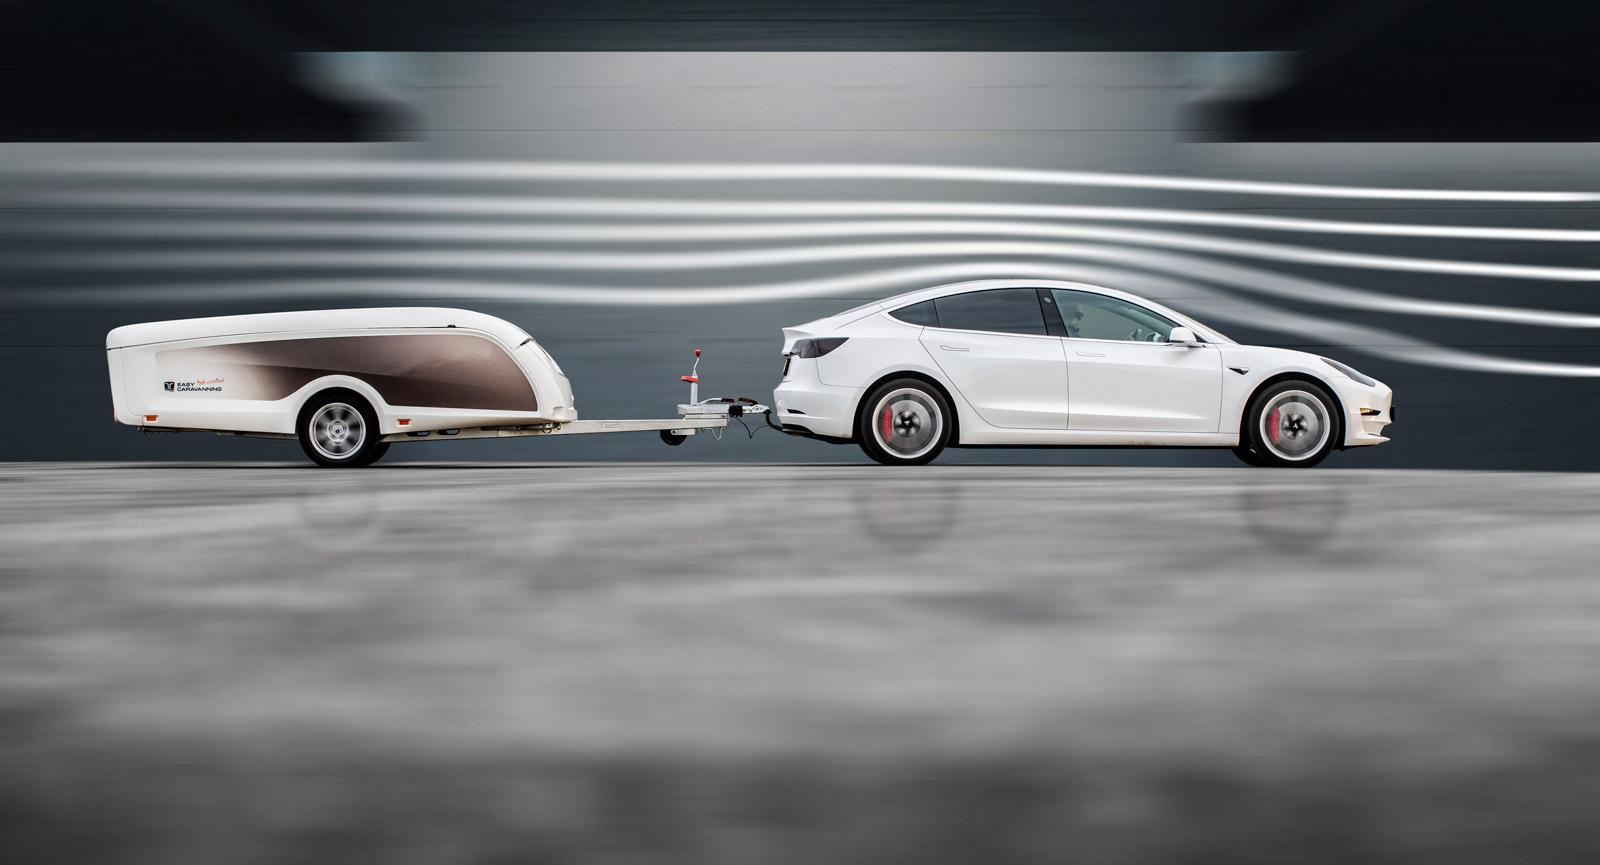 Det låga luftmotståndet gör att elbilar klarar sig förhållandevis långt, trots kopplad vagn bakom. Bränslebilar likaså.